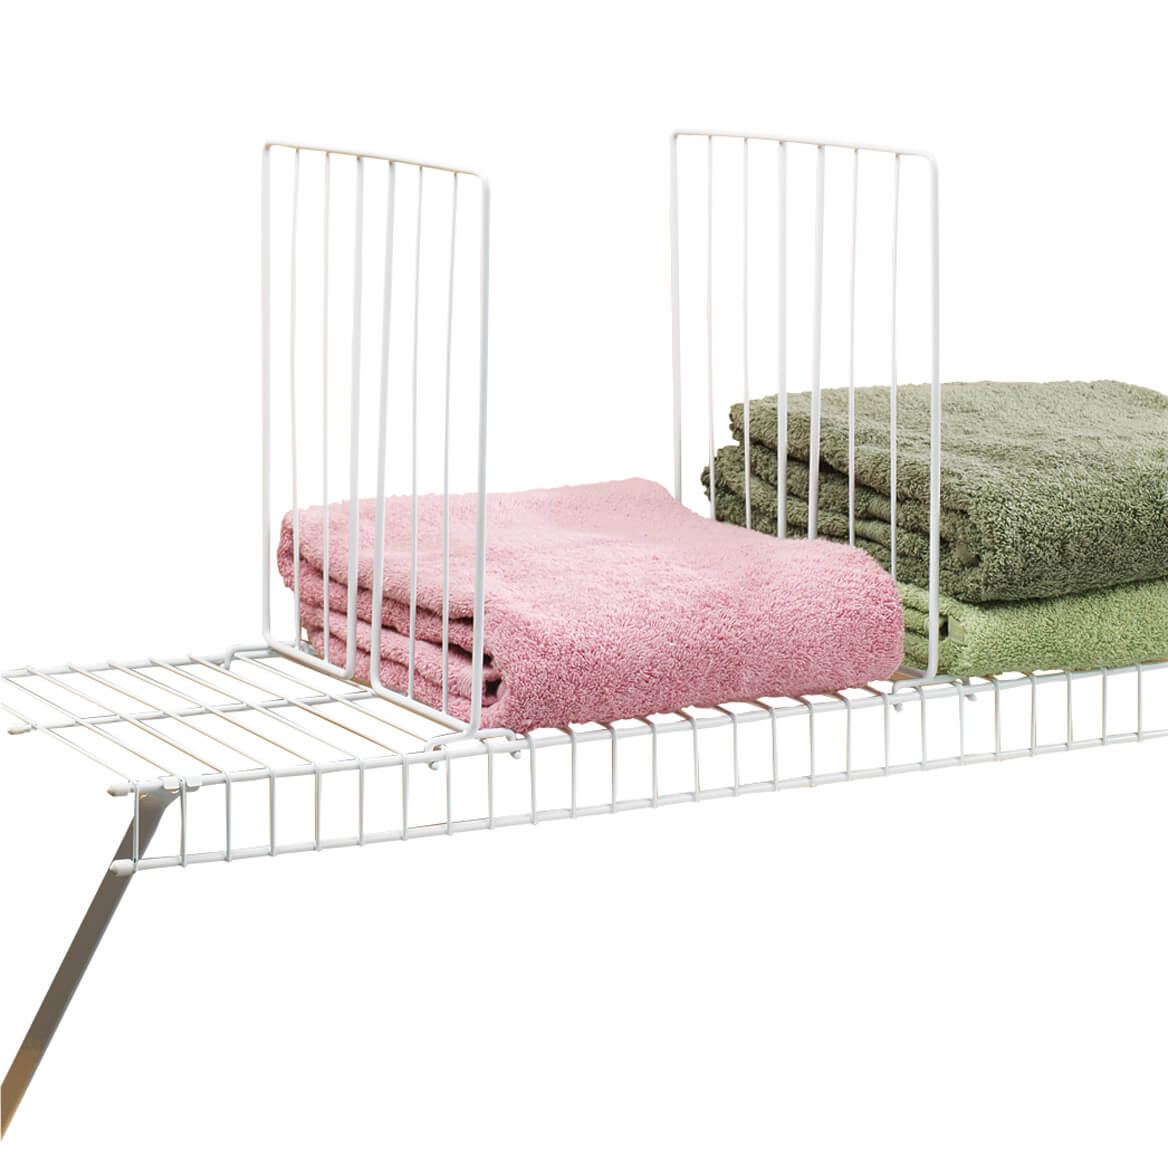 Wire Closet Shelf Dividers